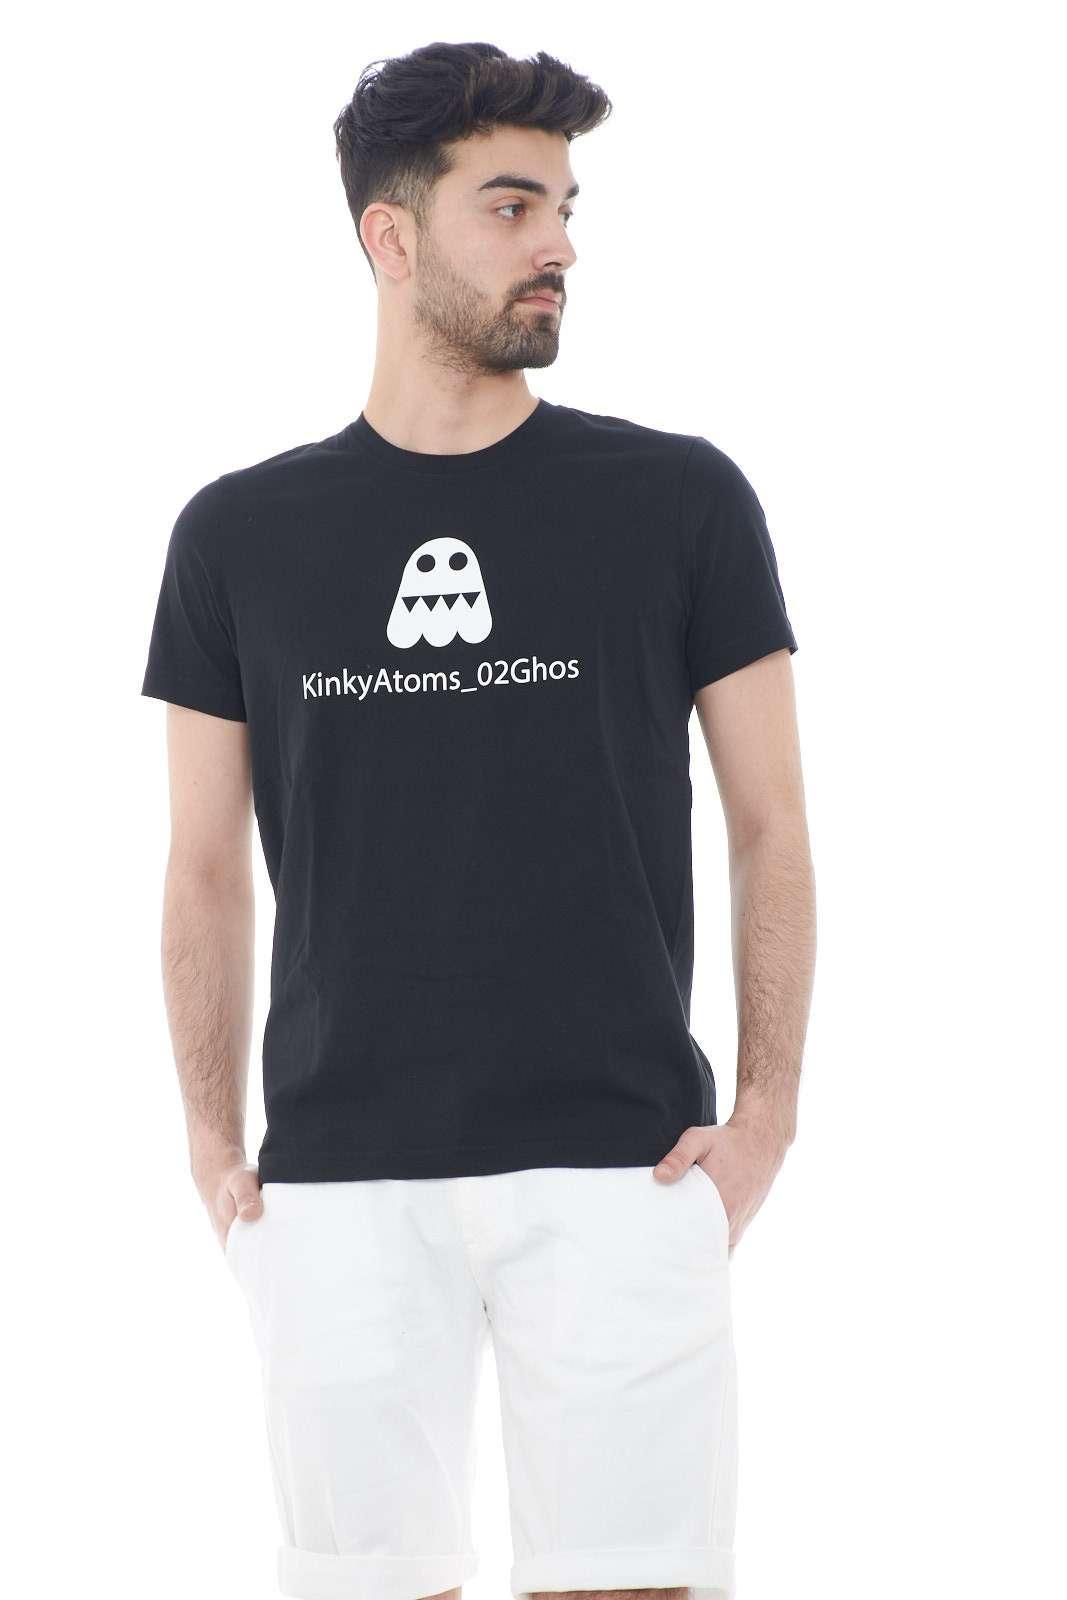 Una t shirt unica quella proposta dalla collezione di Alberto Aspesi. Da indossare nella routine quotidiana, grazie alla sua comodità. Da abbinare ad un jeans o un bermuda è un must have.